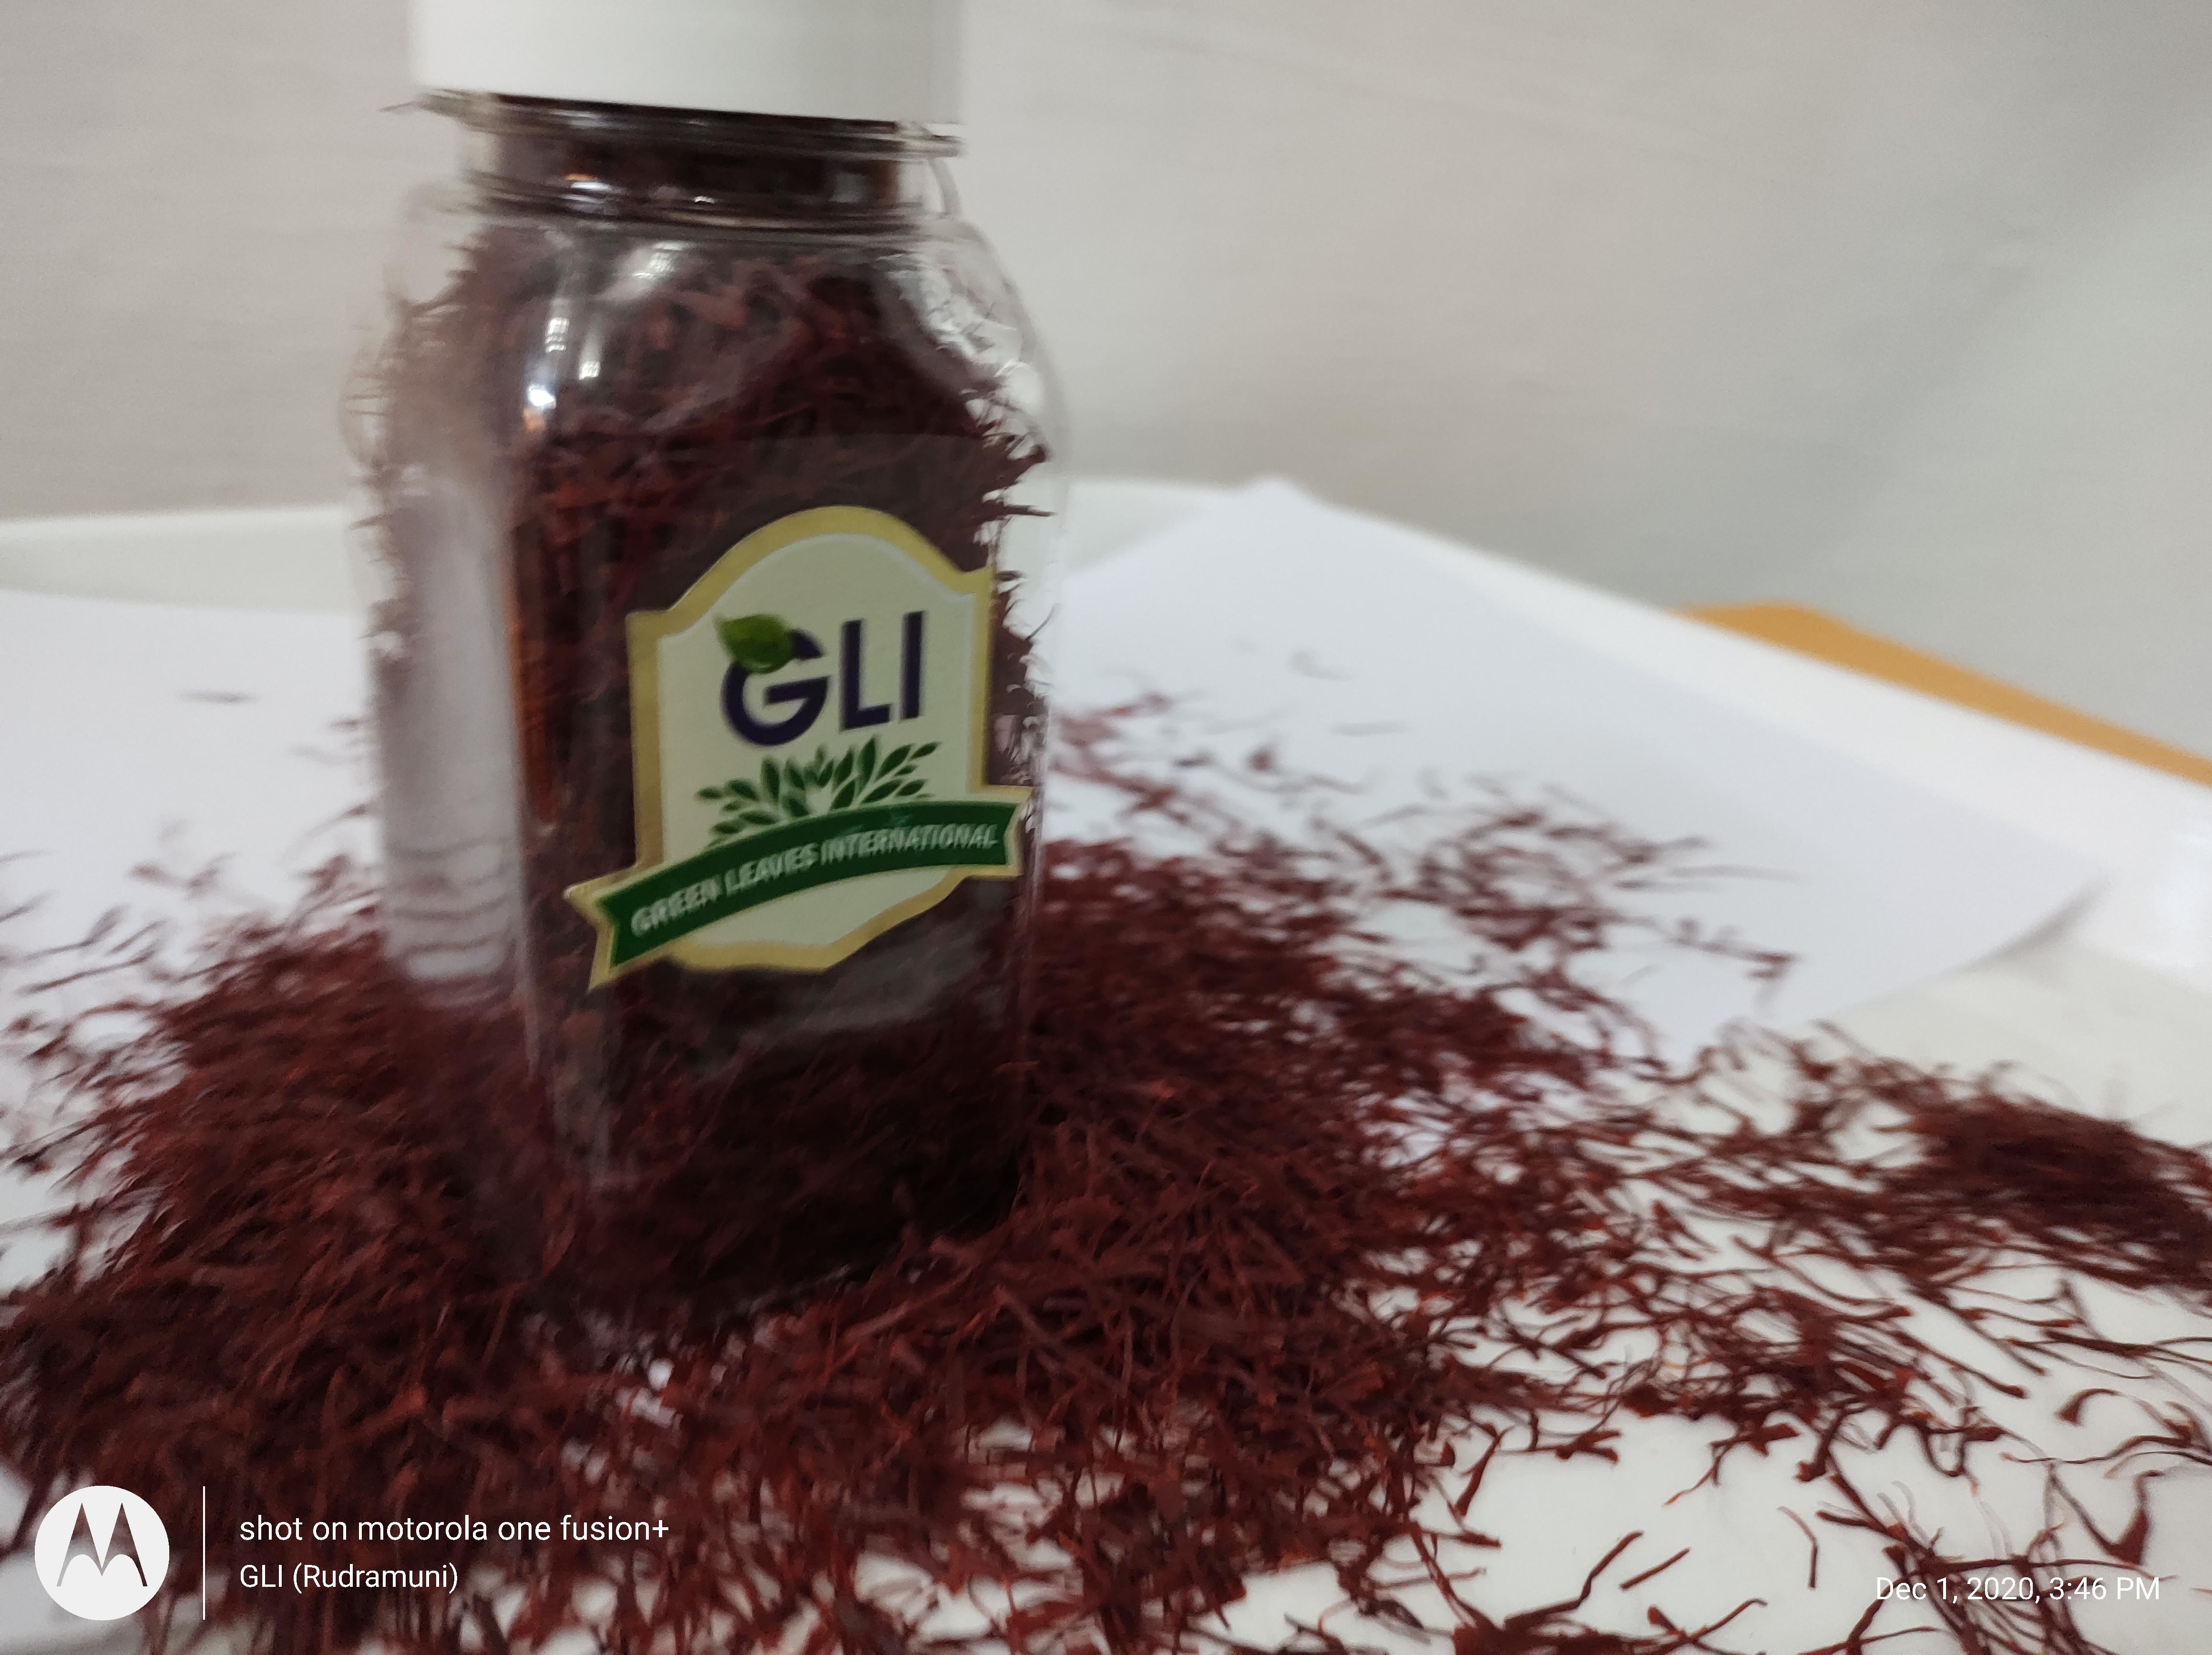 GLI Saffron